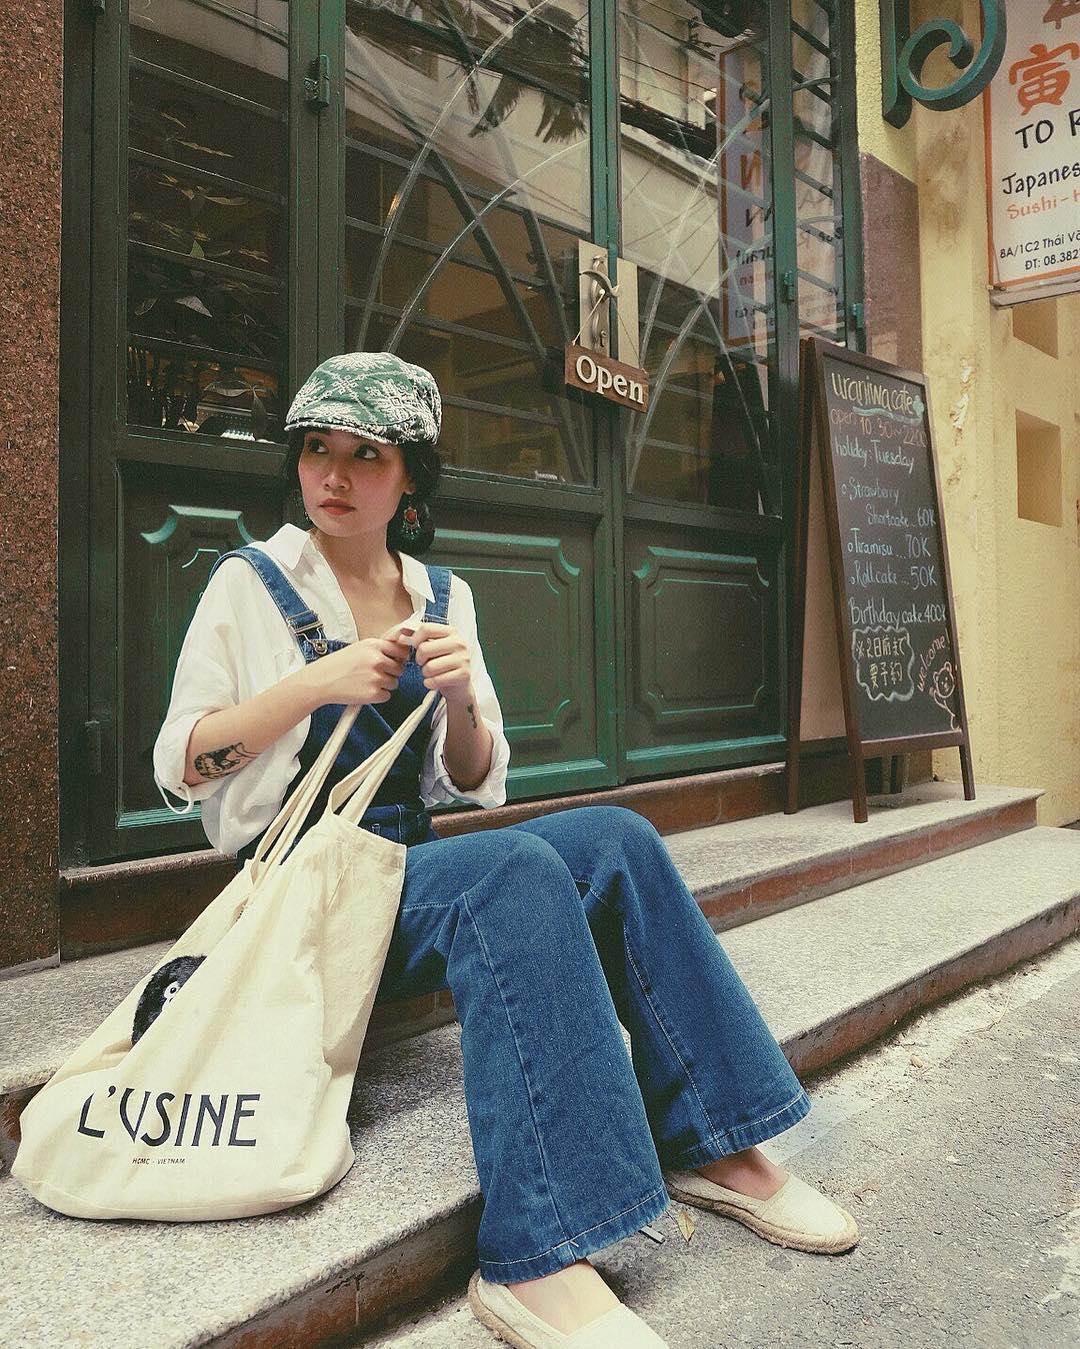 Hiếm ai được như Louis Hà, hot girl mi nhon chỉ diện crop top và quần cạp cao mà vẫn đẹp quên sầu - Ảnh 16.